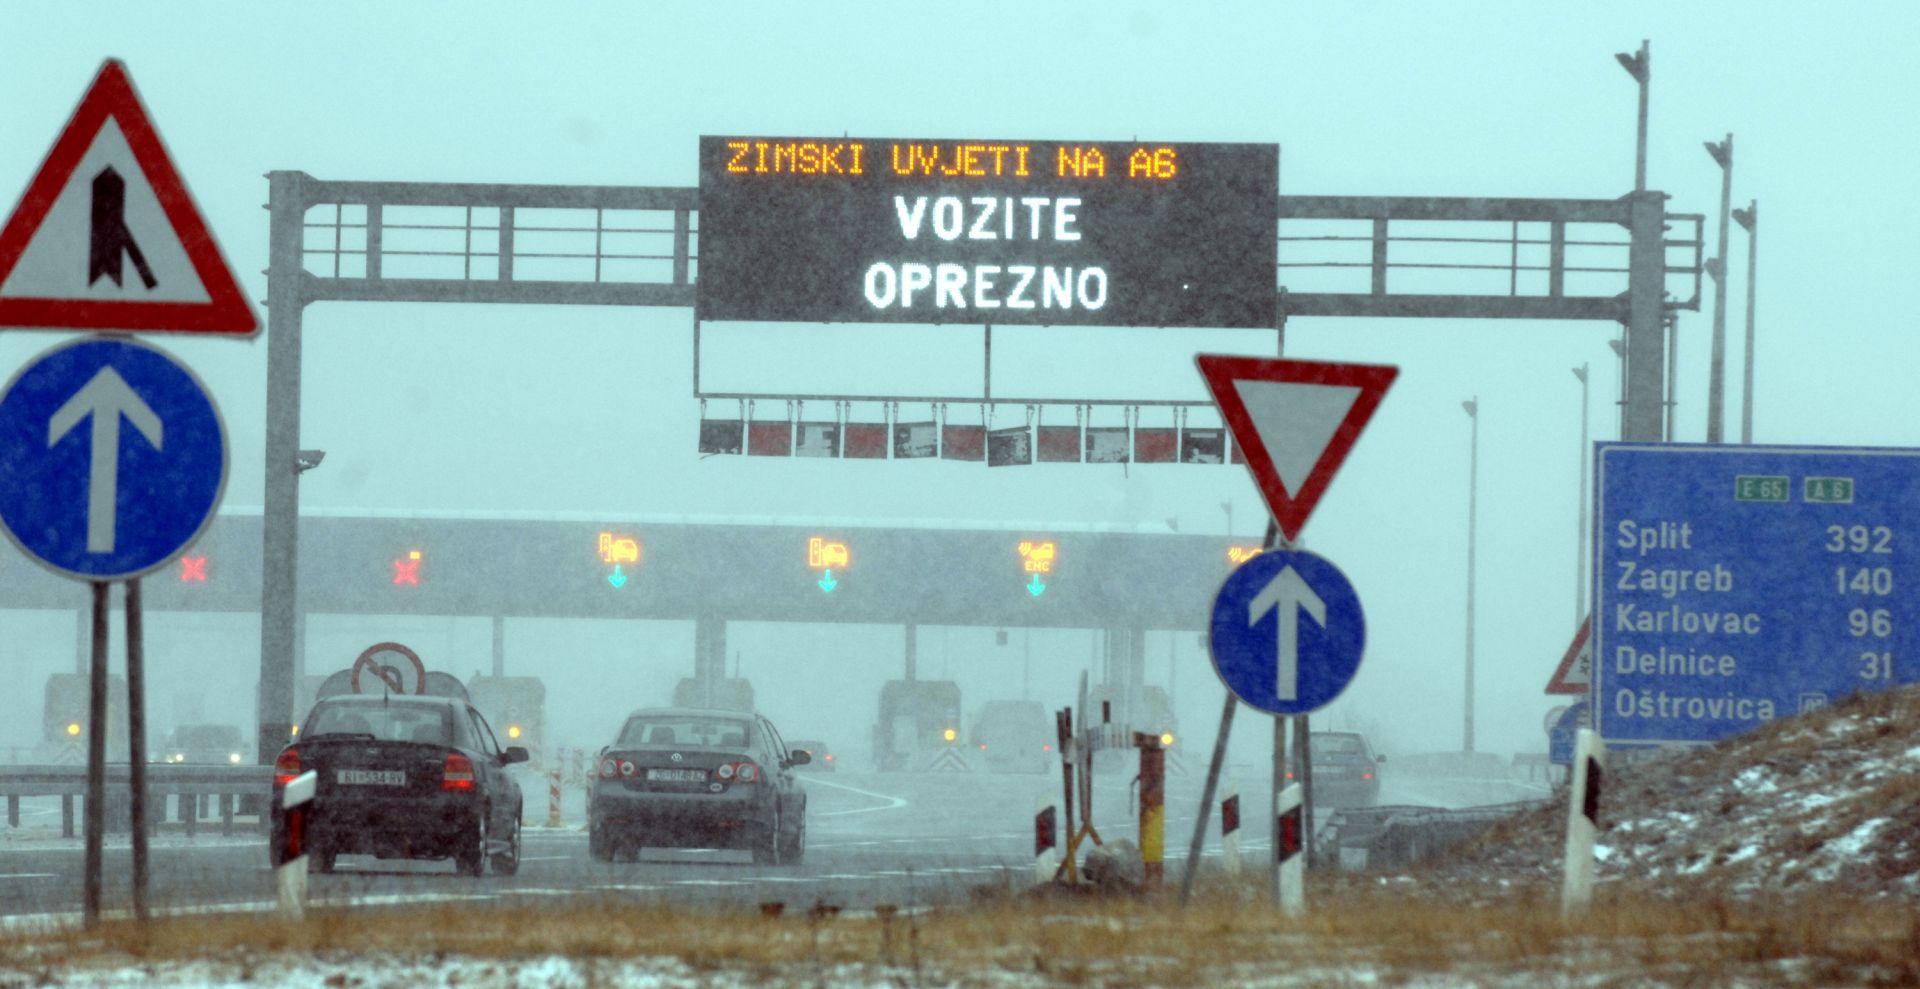 HAK UPOZORAVA: Olujni vjetar otežava promet u Istri, Hrvatskom primorju i Dalmaciji